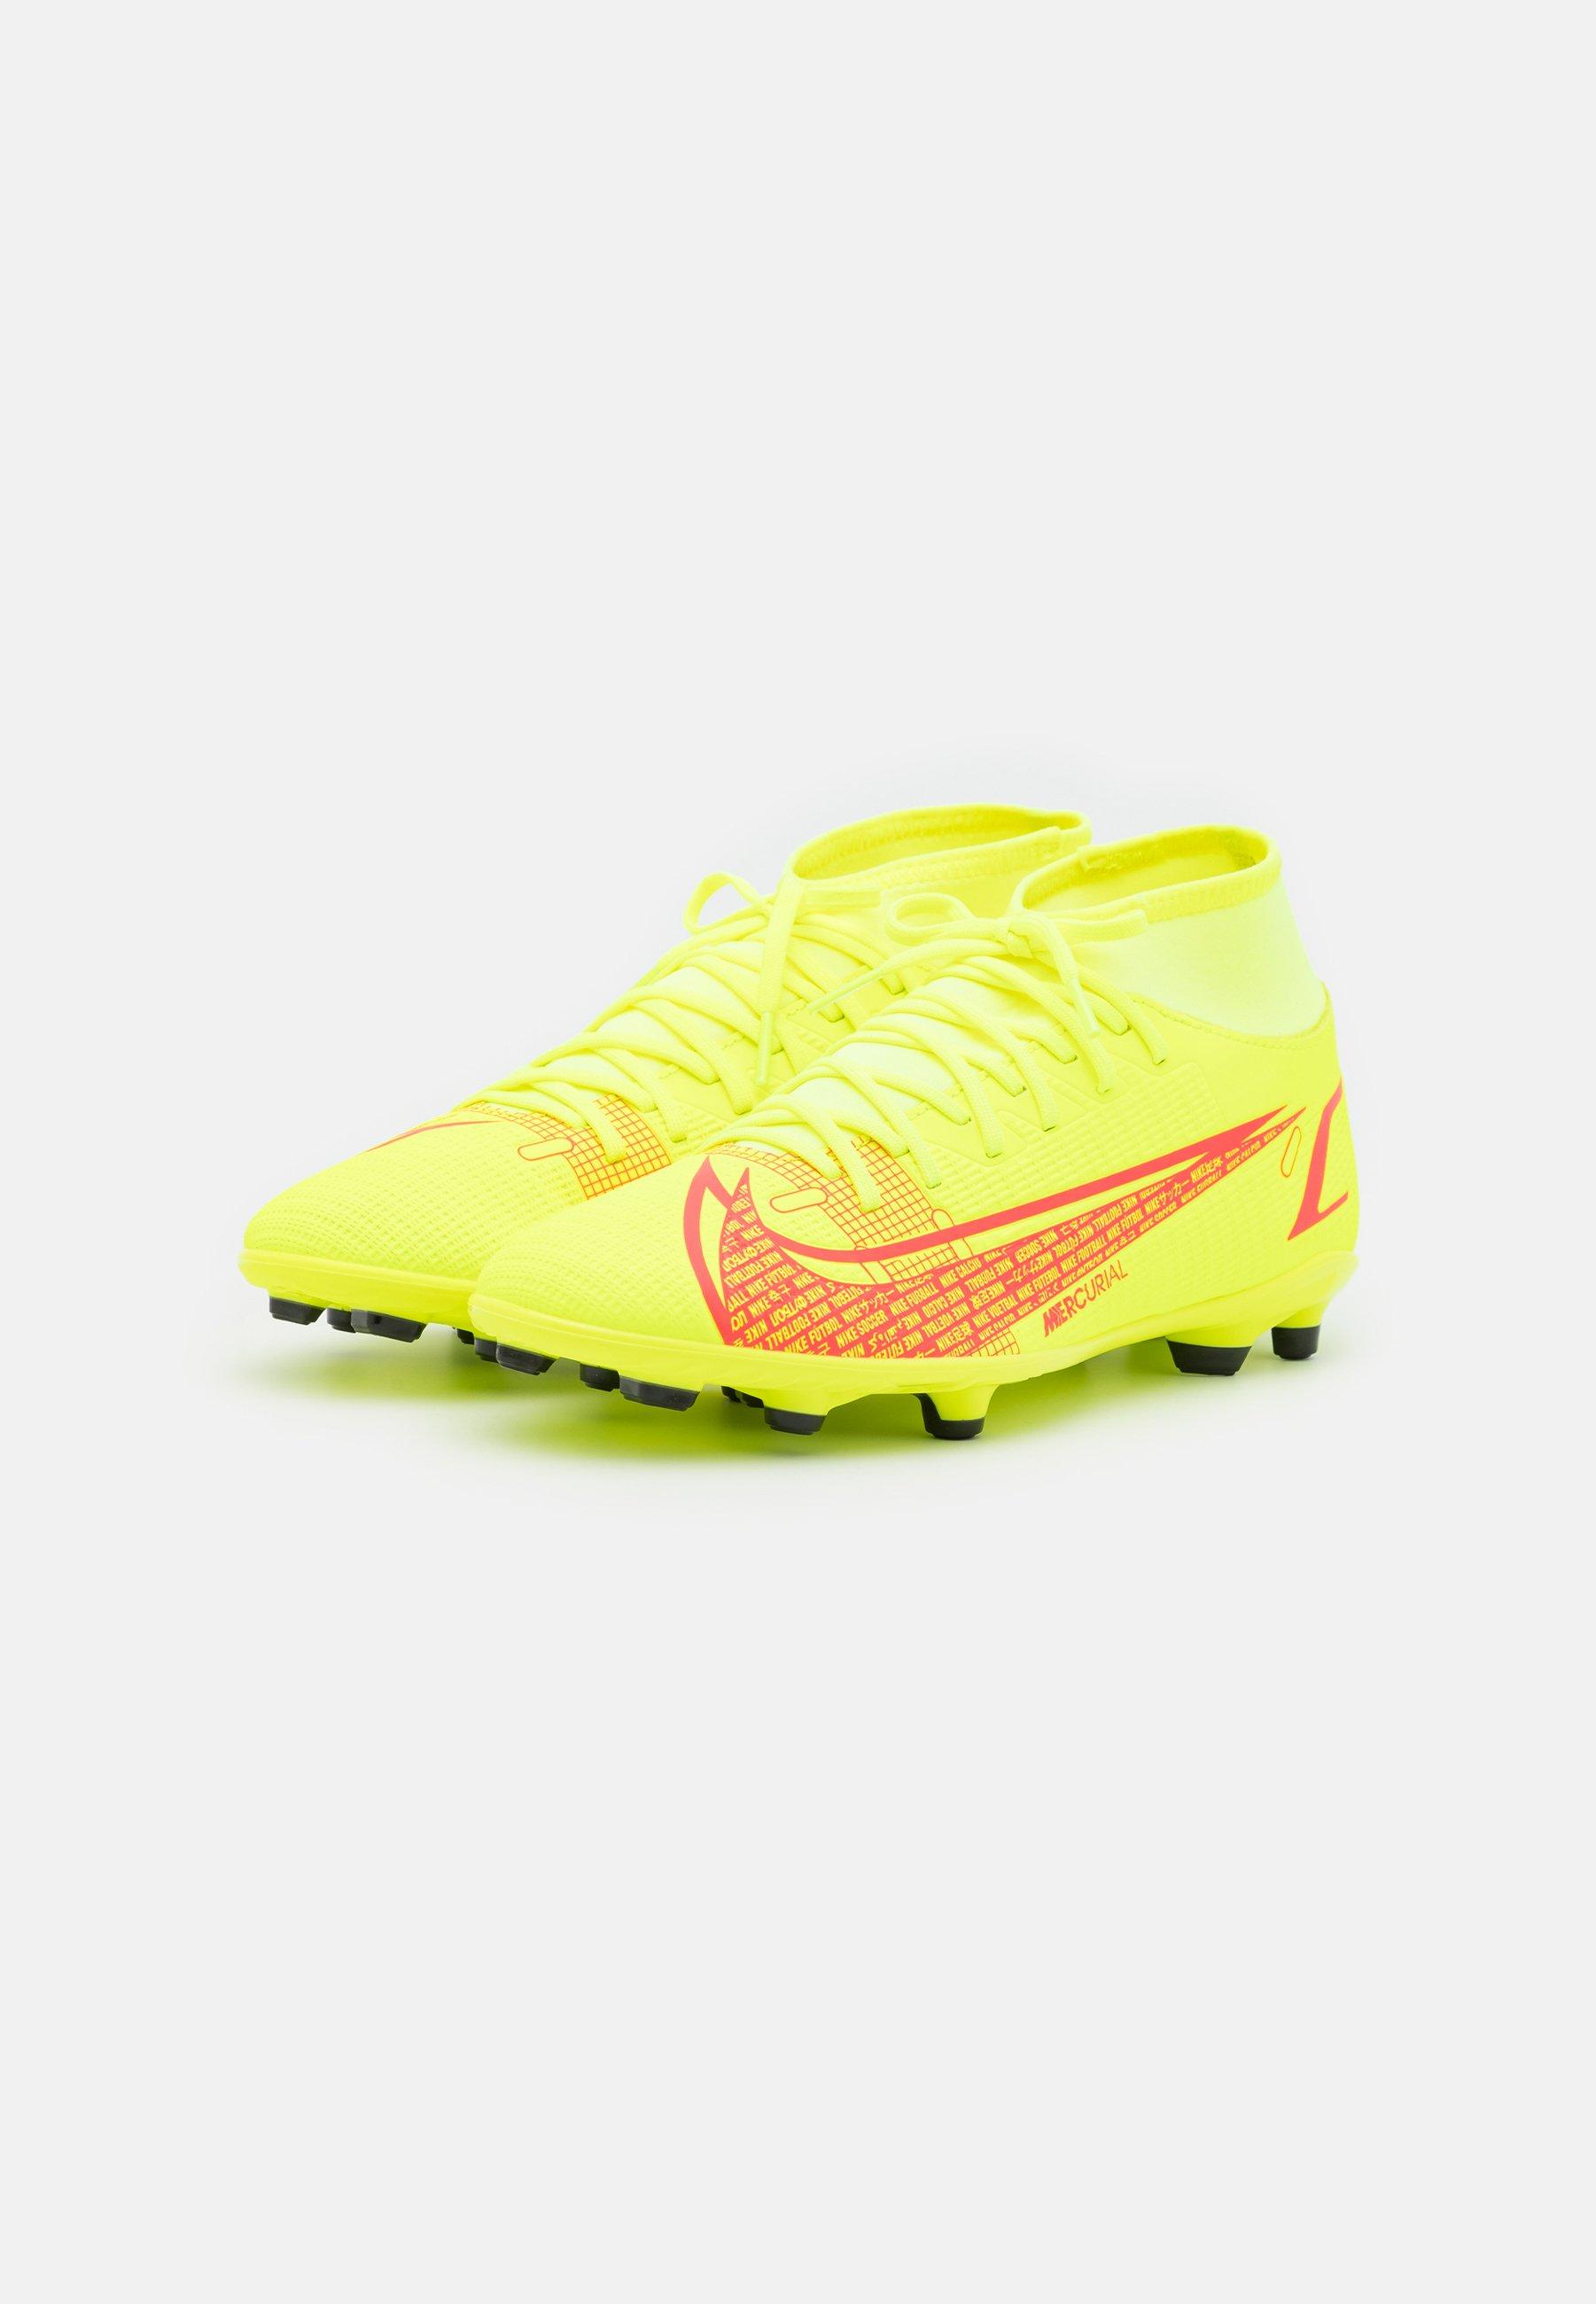 Herrer MERCURIAL 8 CLUB MG - Fodboldstøvler m/ faste knobber